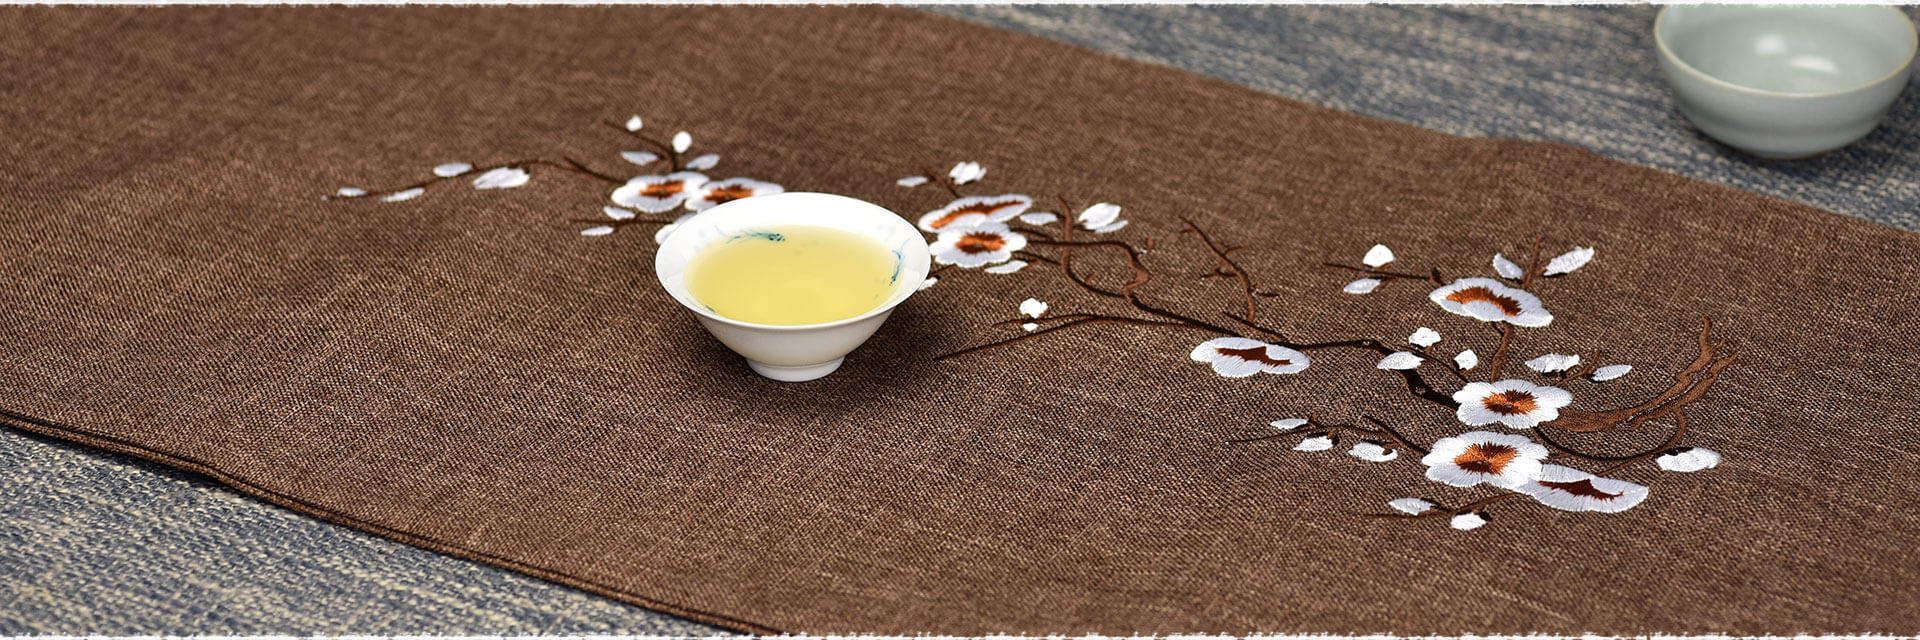 Fuding White Tea – The Famous Silver Needle White Tea